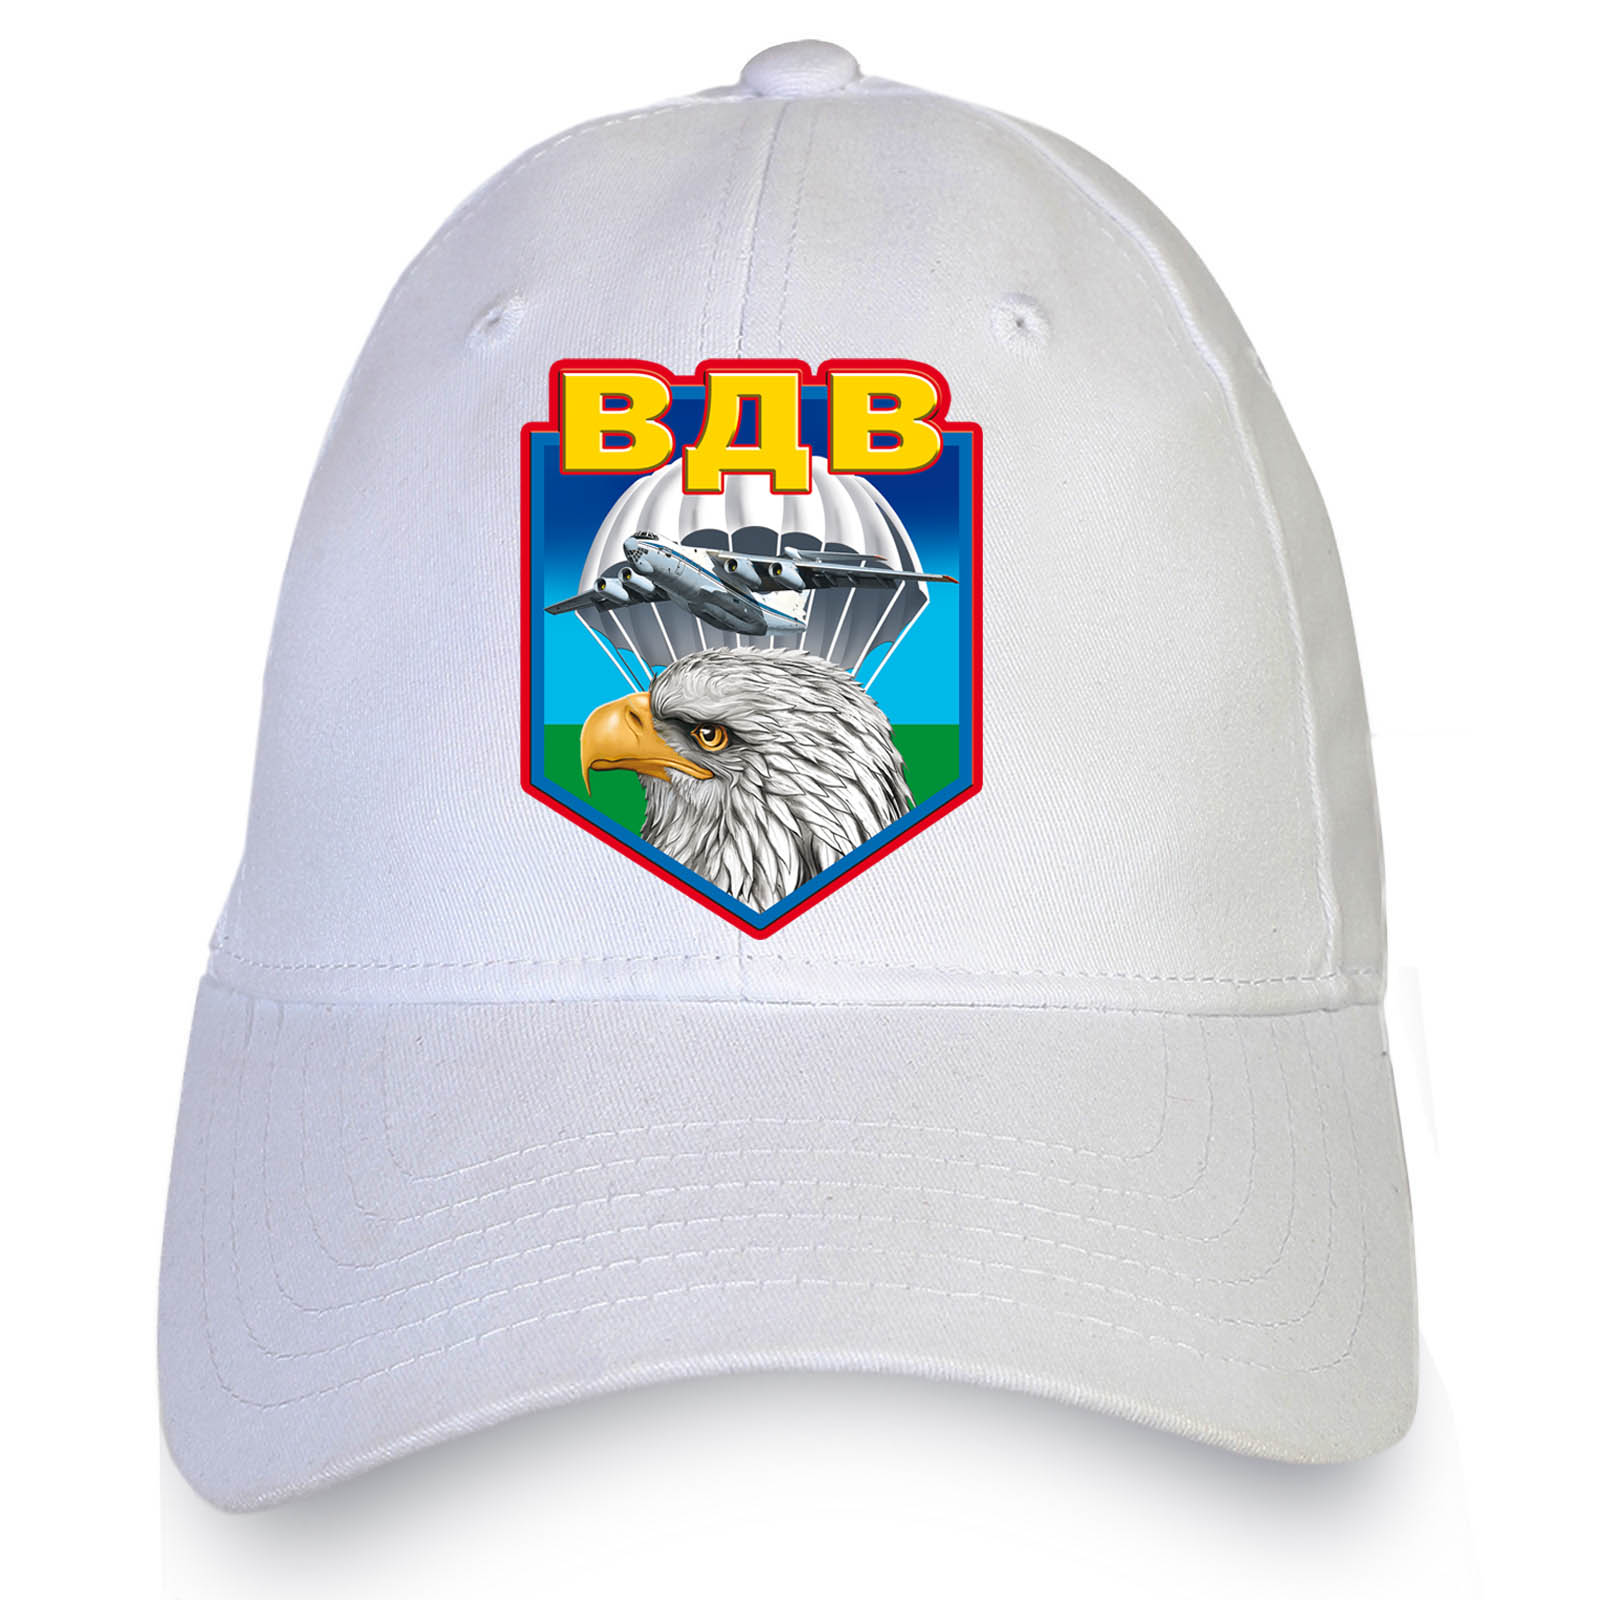 Купить стильную белую бейсболку с термотрансфером ВДВ с доставкой в ваш город